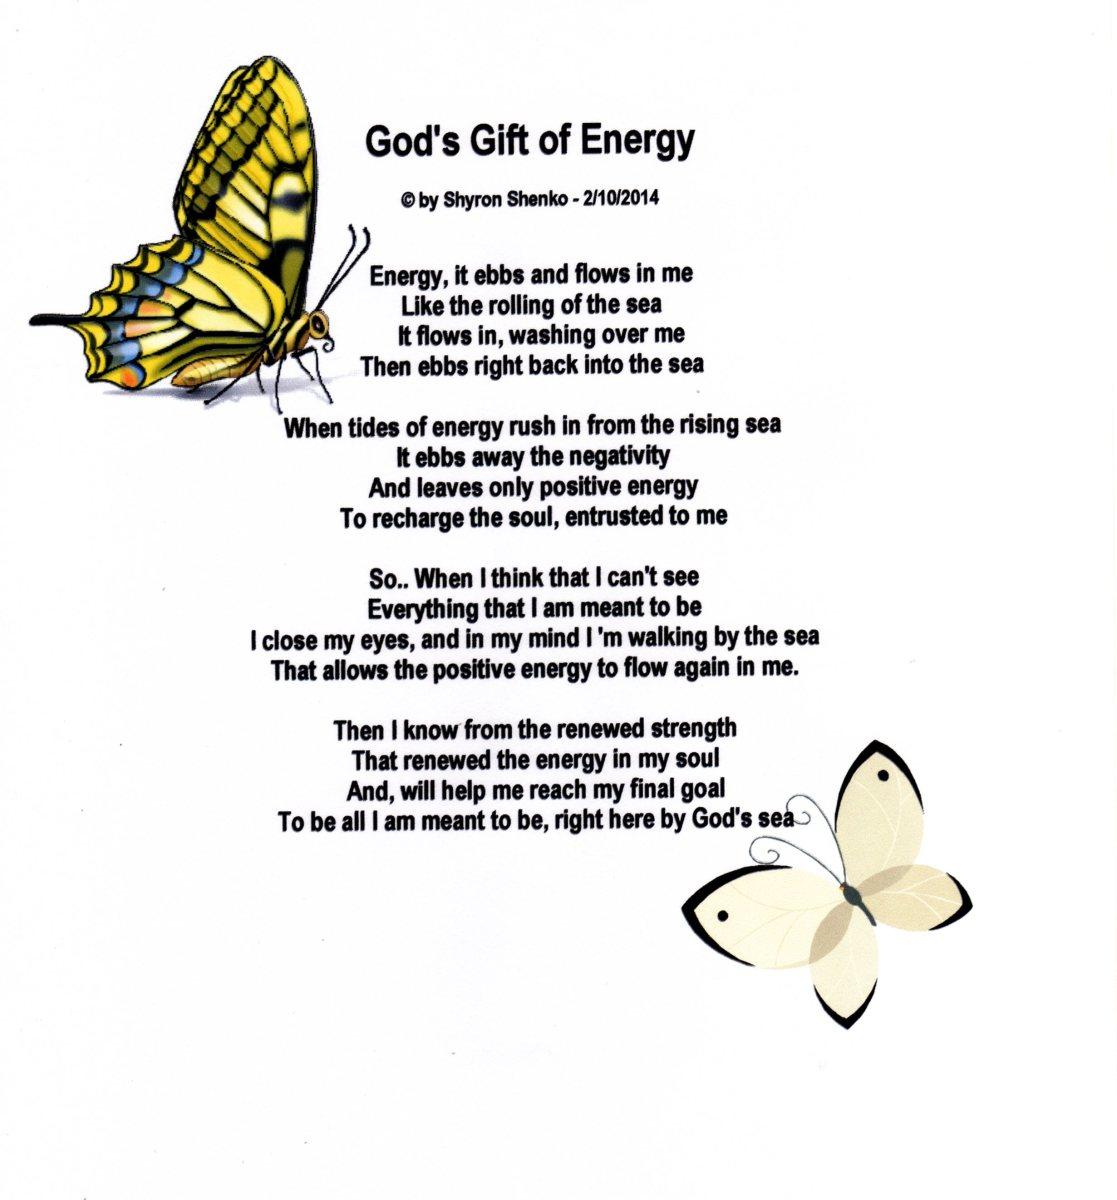 Energy - God's Gift of Energy! (Poem)